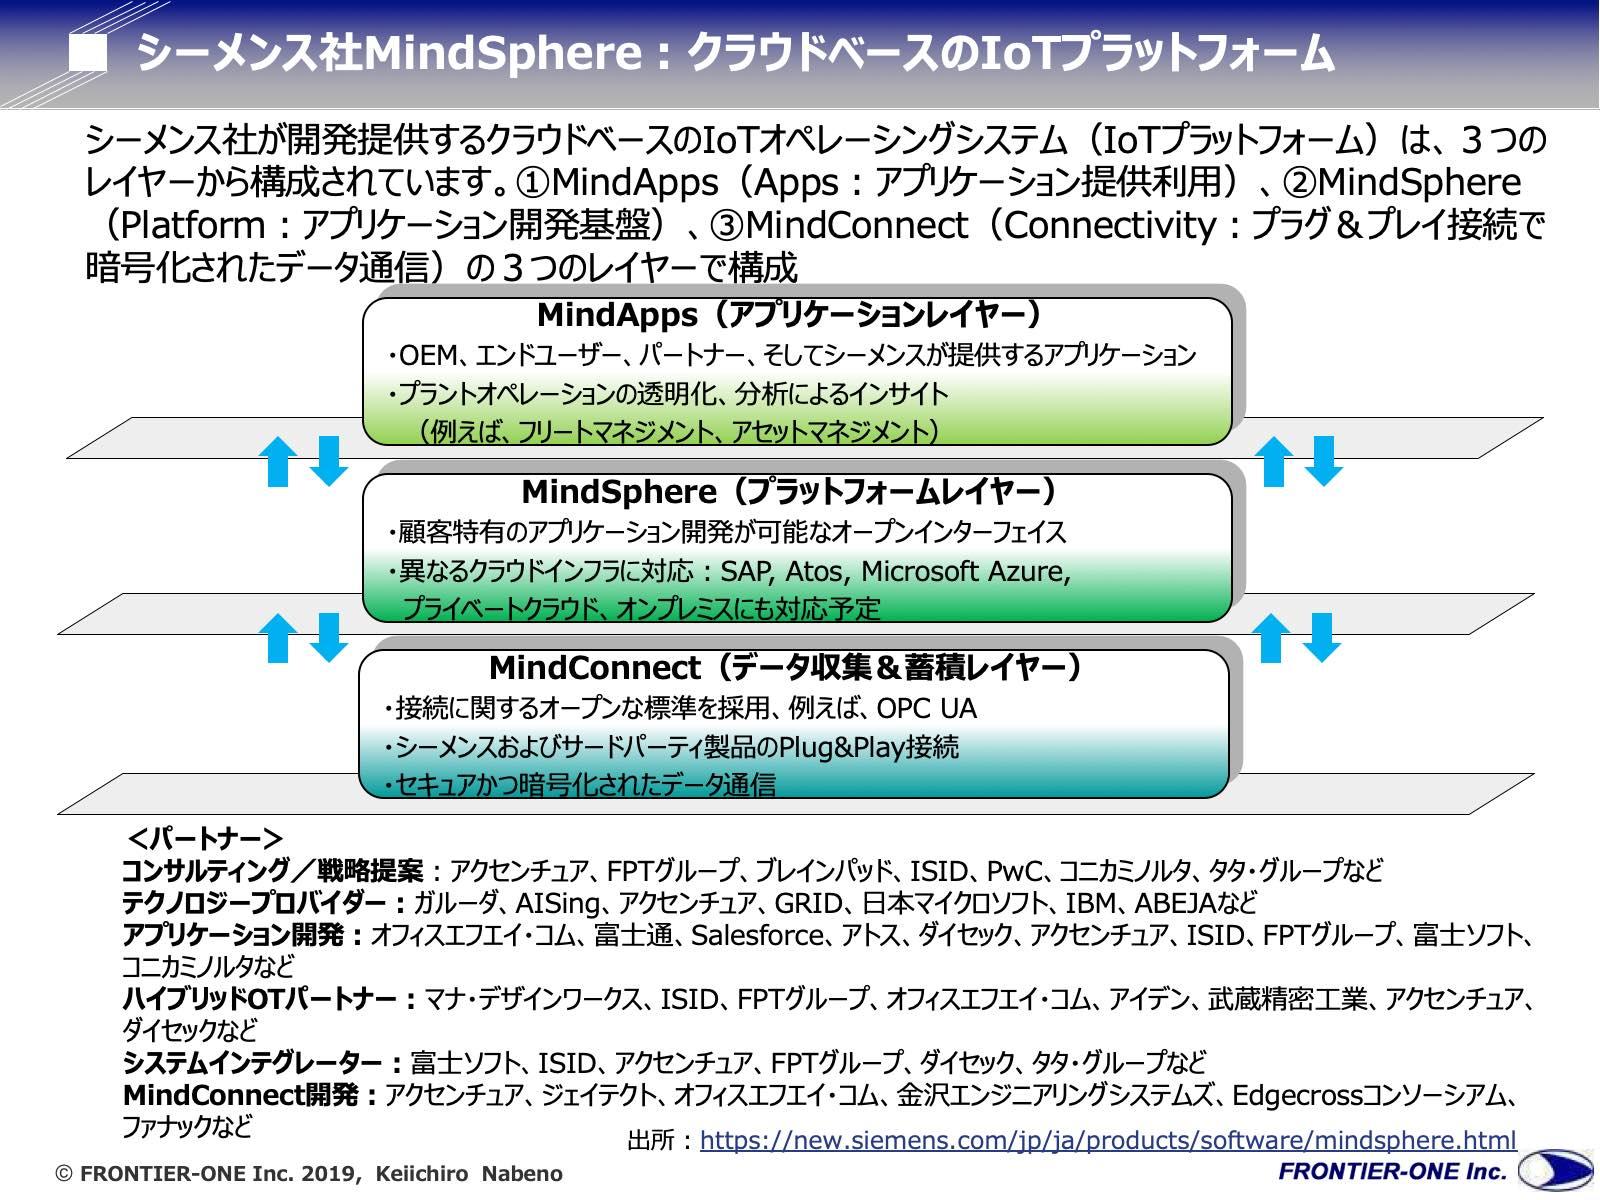 図2 シーメンス社のMindSphere